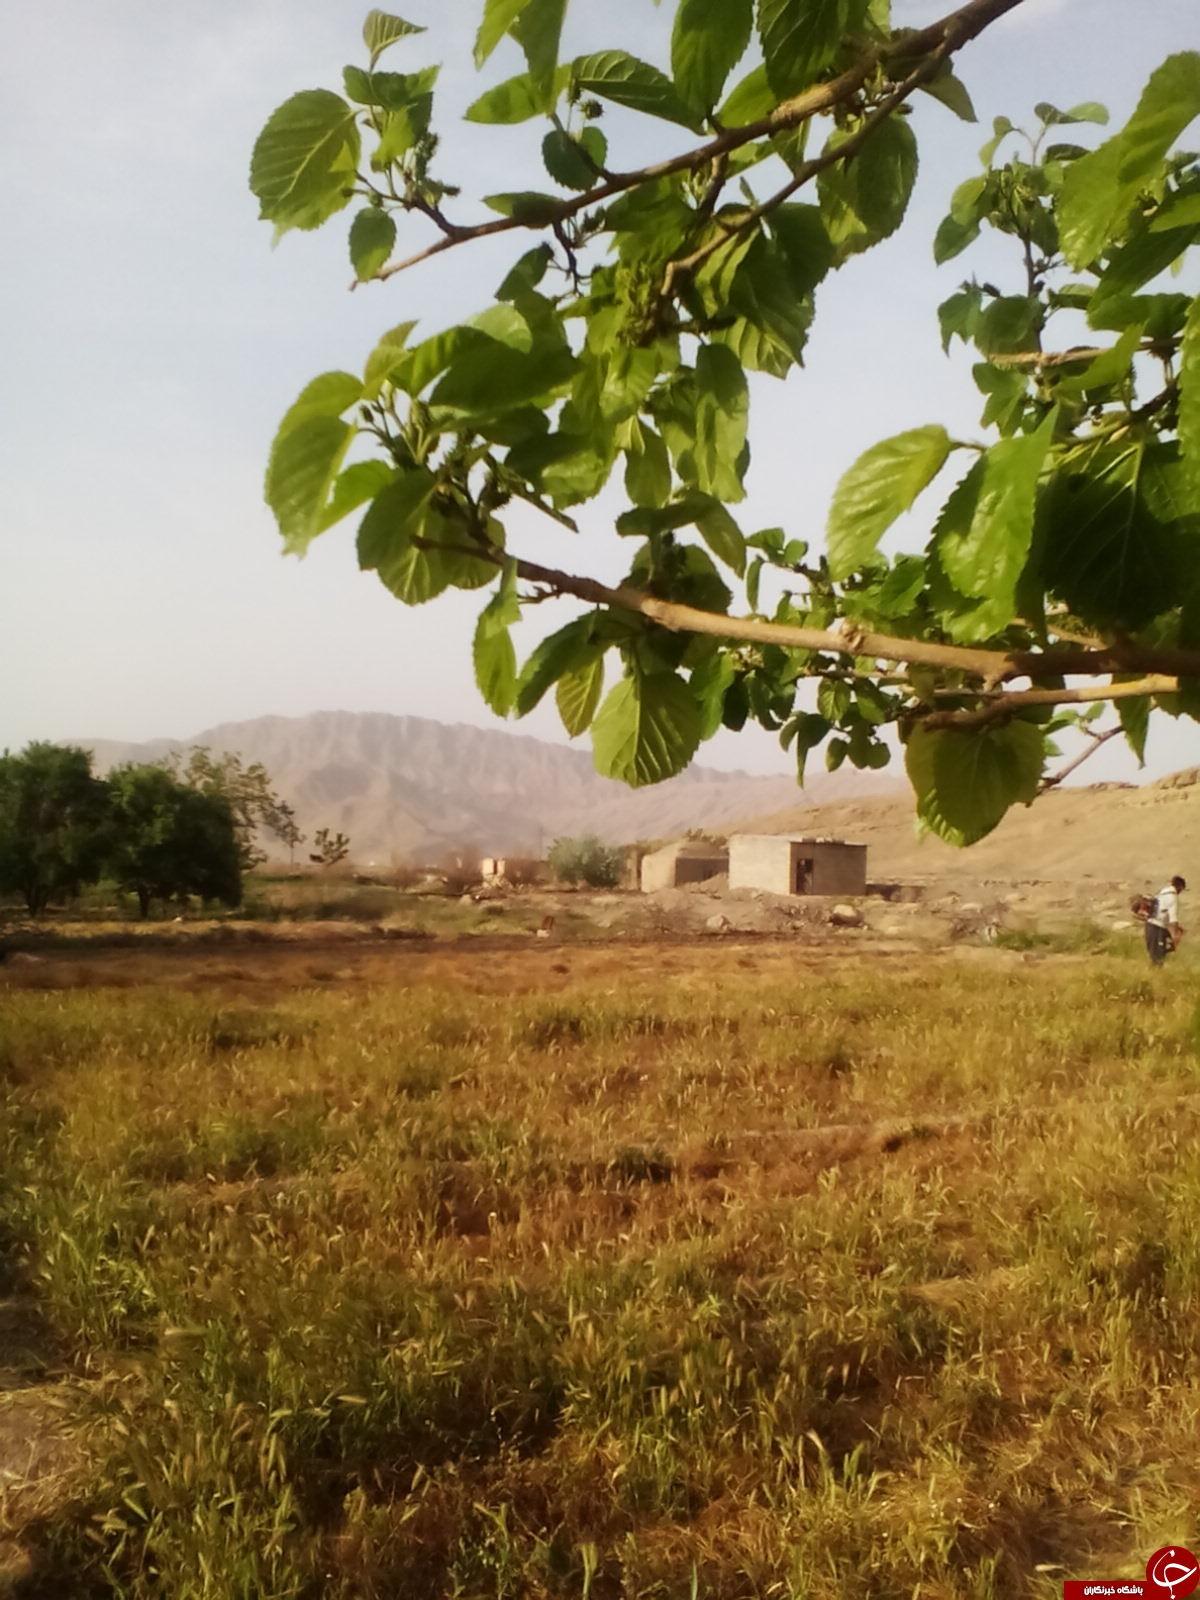 Tarz Village (2).jpg